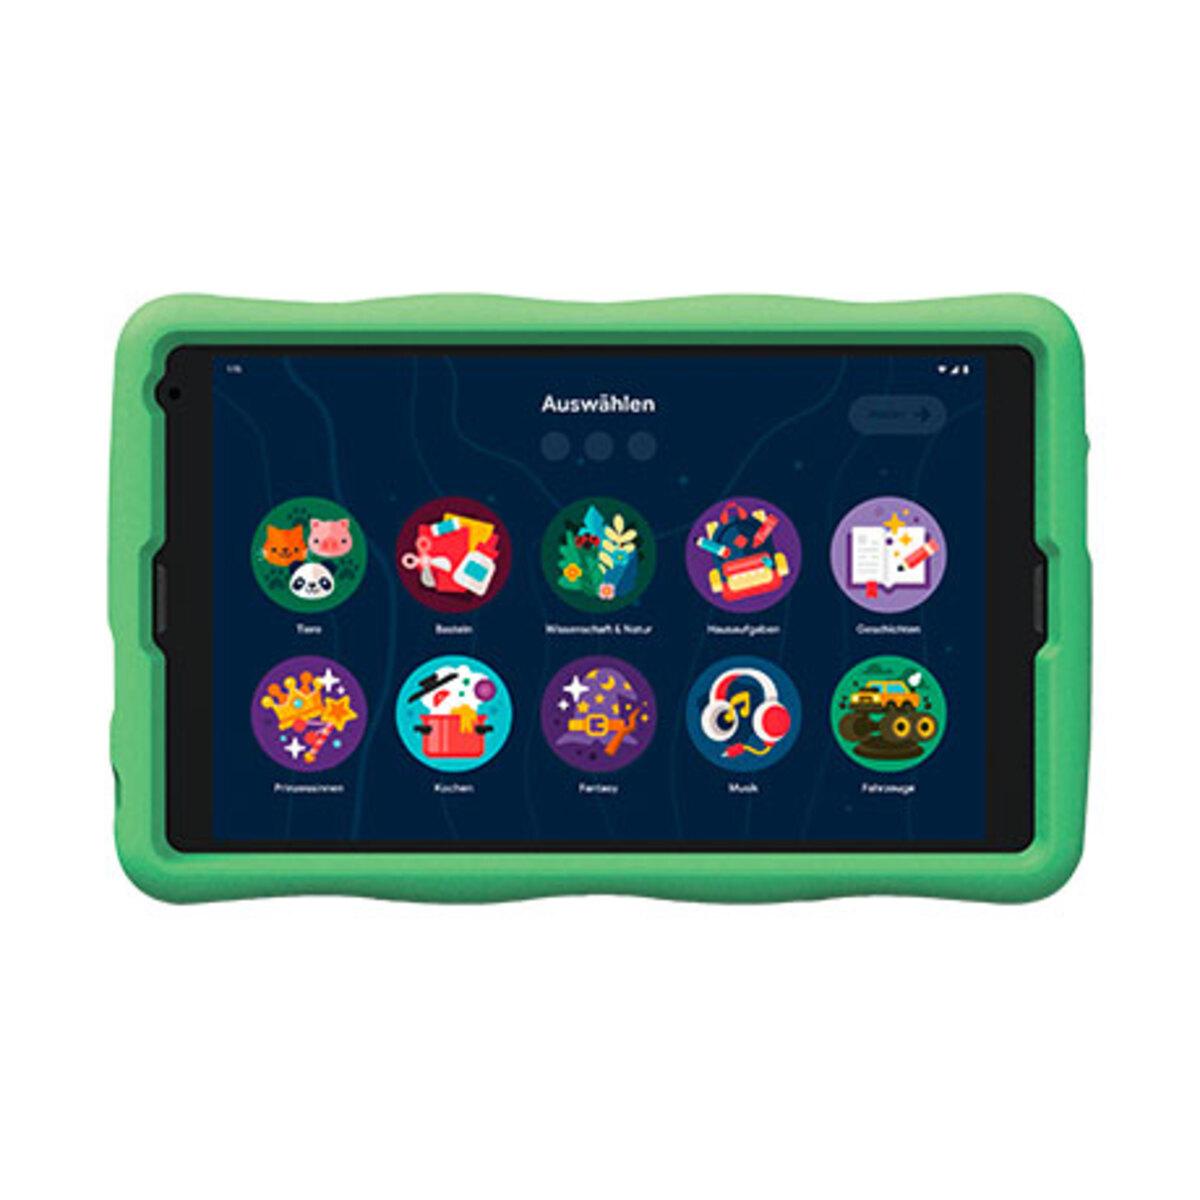 Bild 5 von Kids Tablet E104401